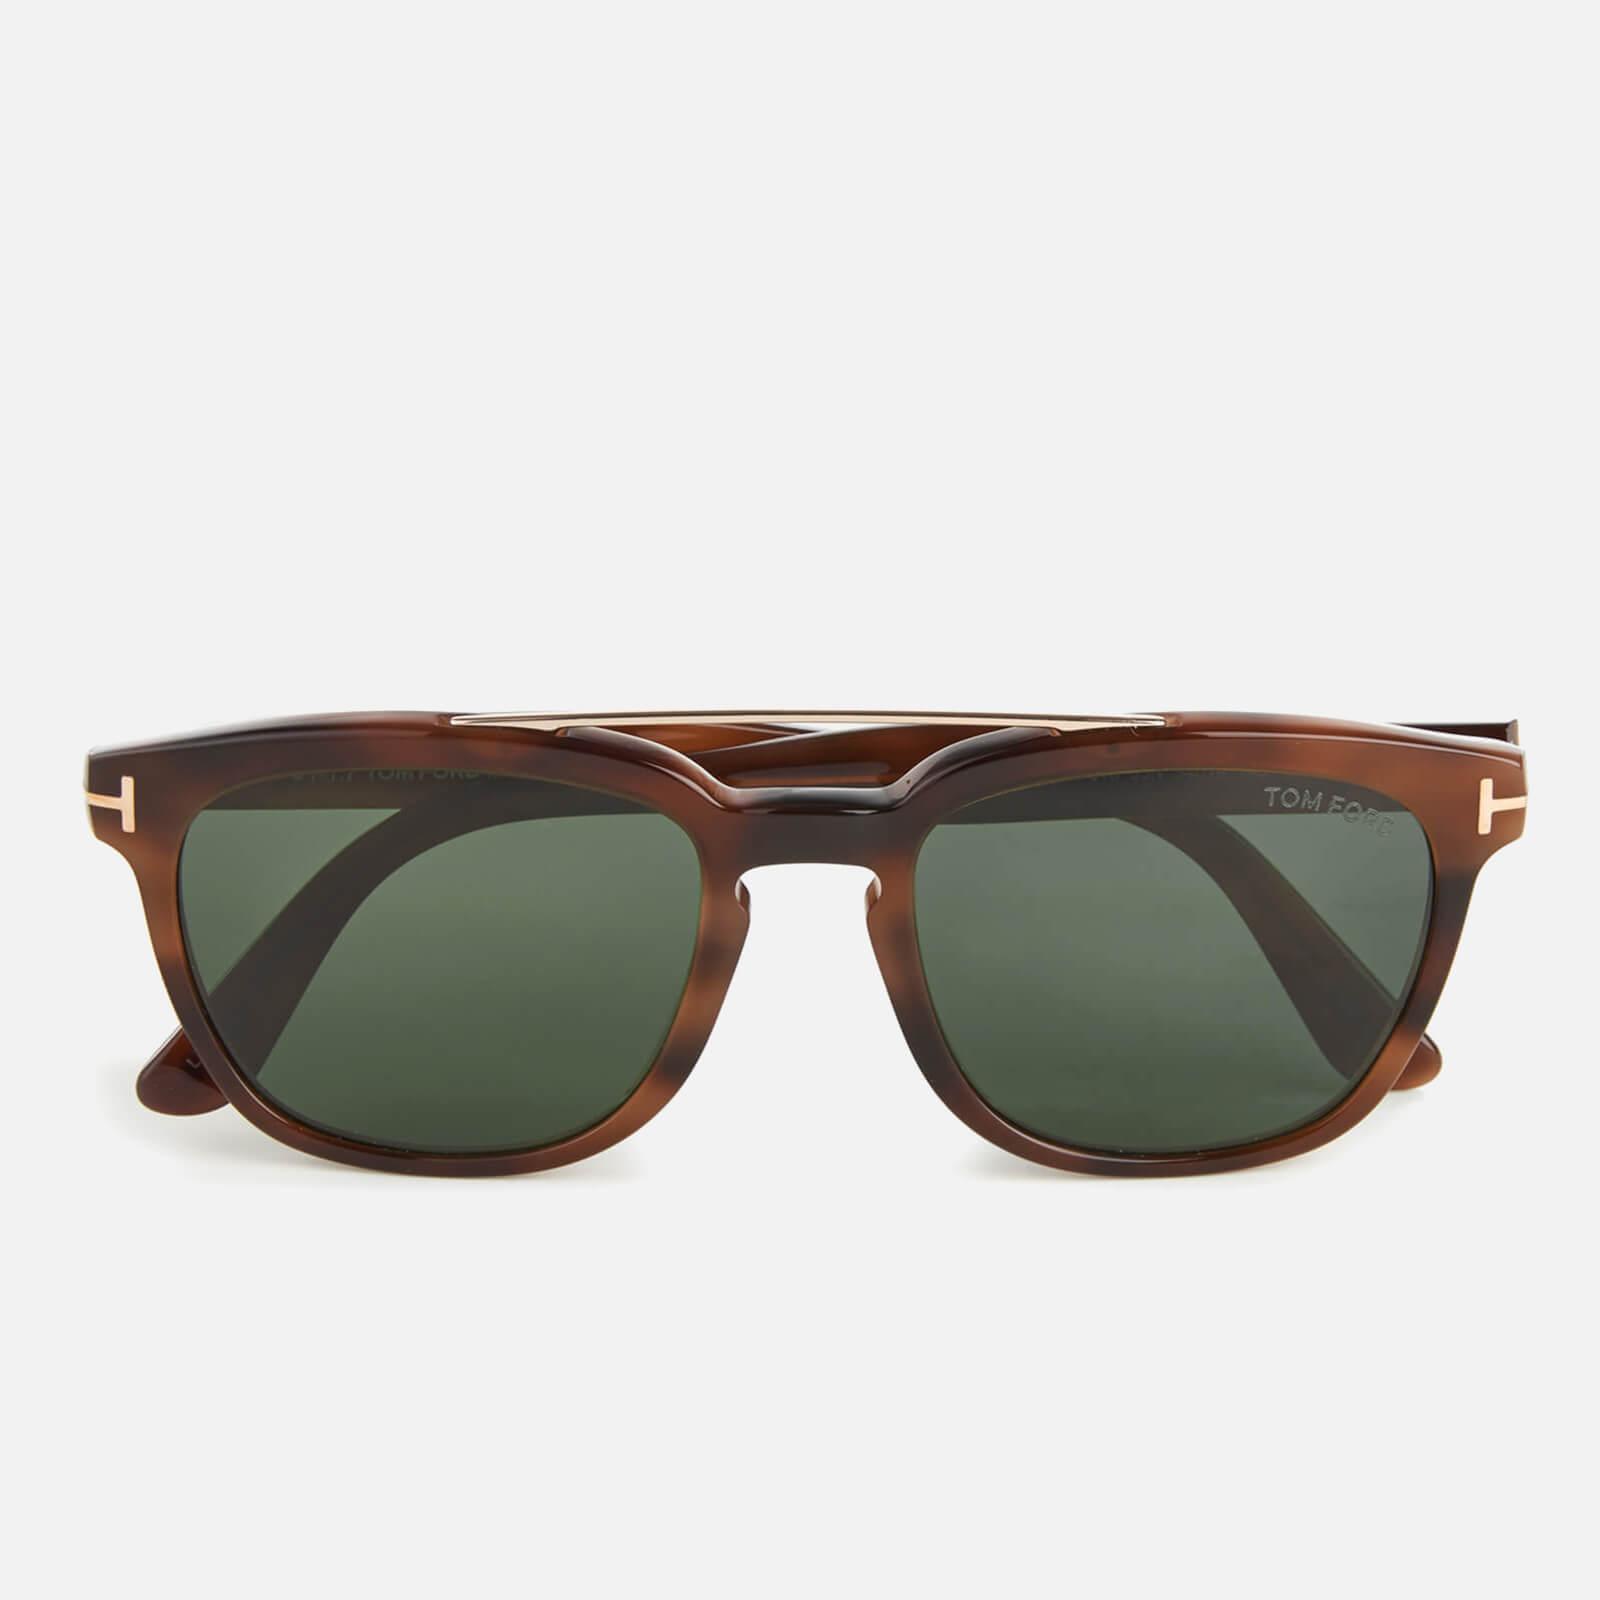 cb03503797e33 Tom Ford Men s Holt Sunglasses - Tortoise Shell - Free UK Delivery over £50